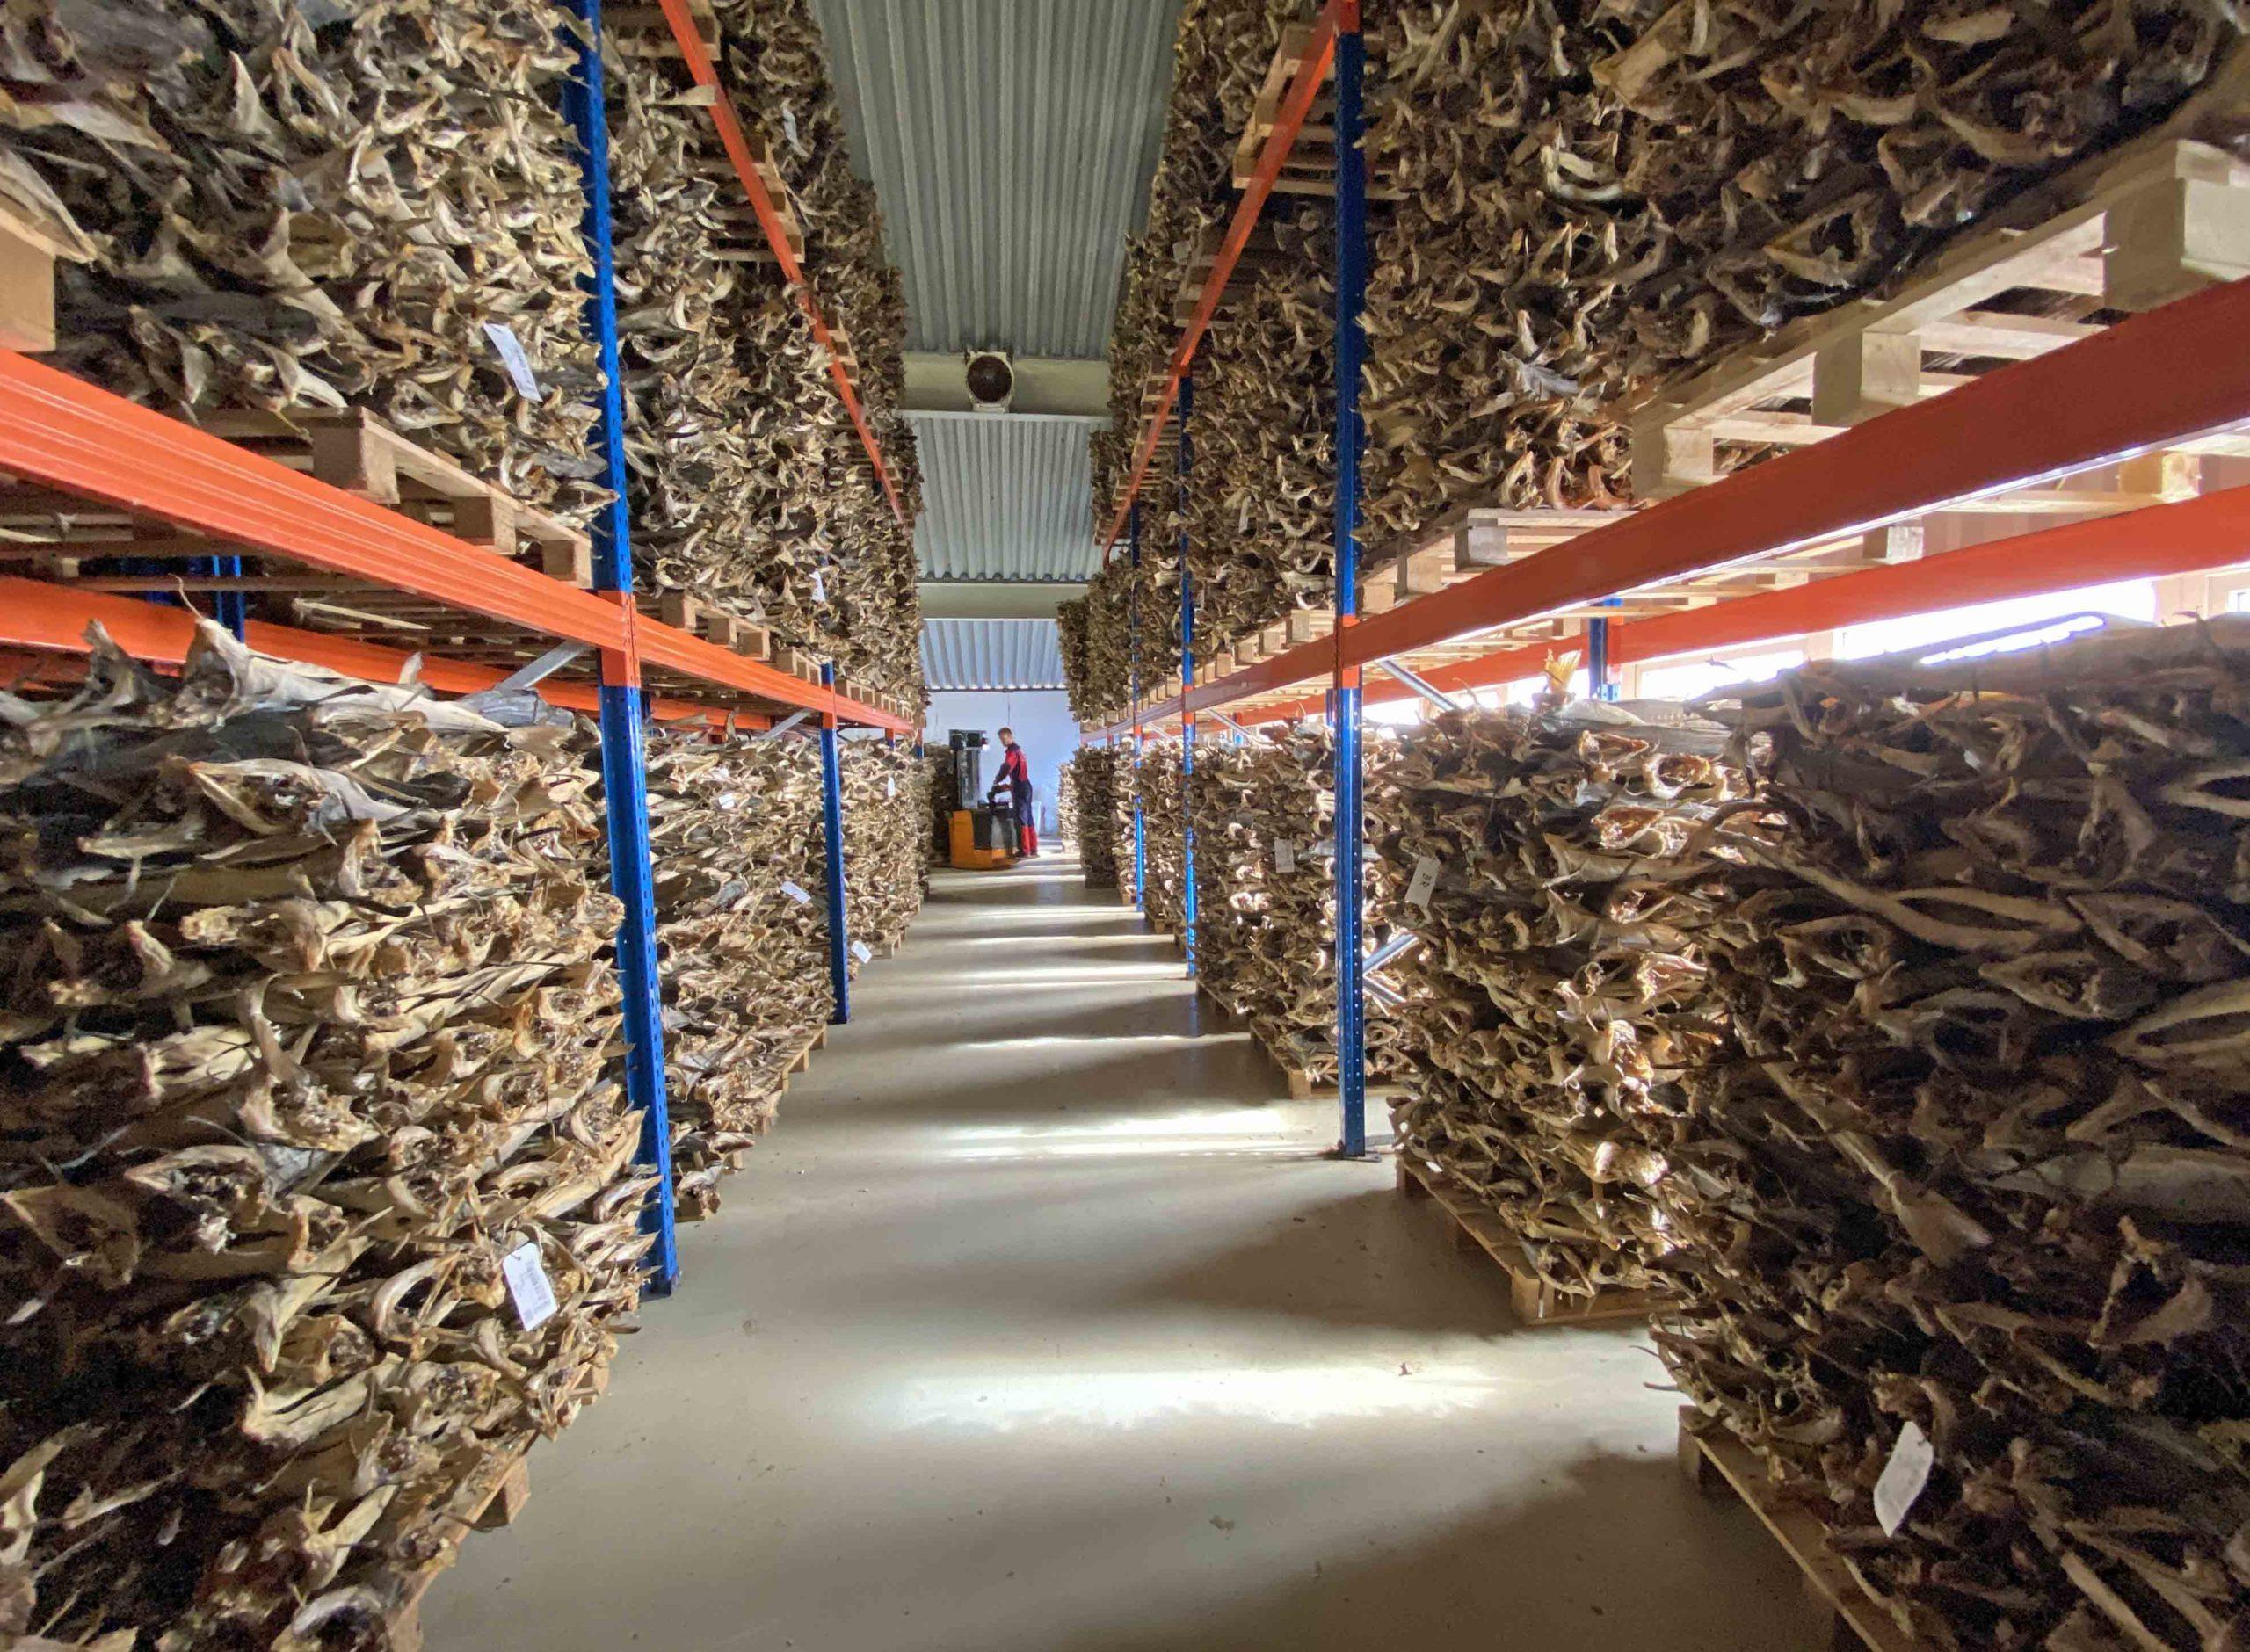 Tørrfisk for mange millioner er lagret på tørrfiskloftet til John Greger AS